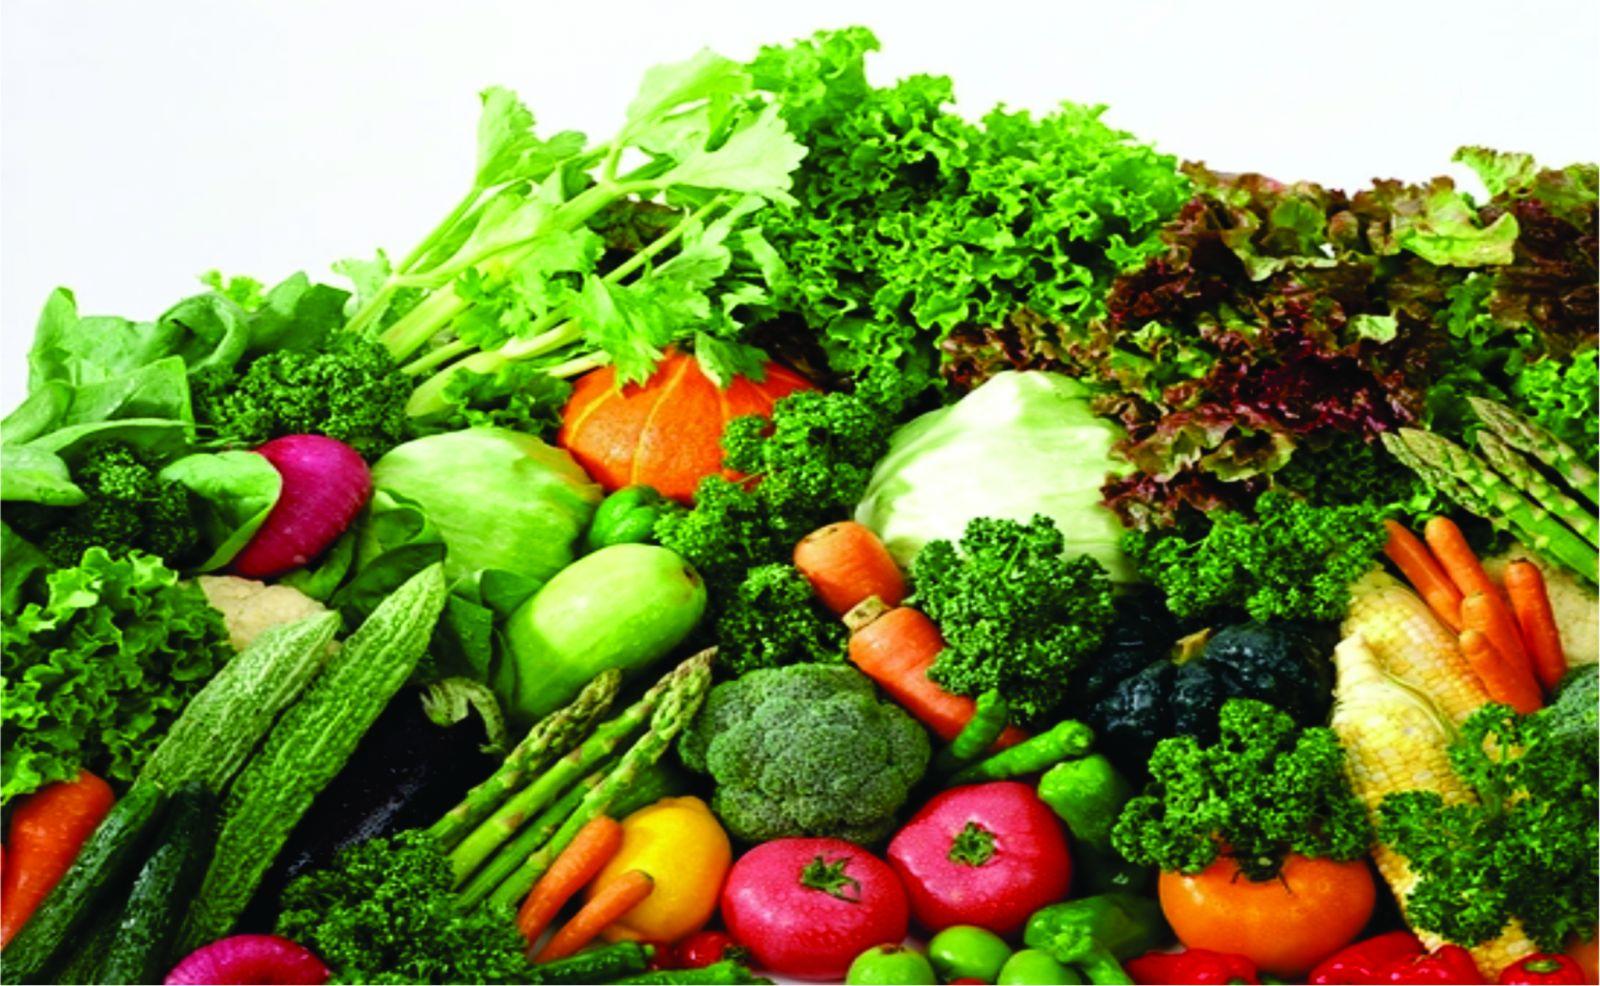 Mẹo nhận biết thực phẩm không an toàn giúp người tiêu dùng tránh mua phải thực phẩm độc hại